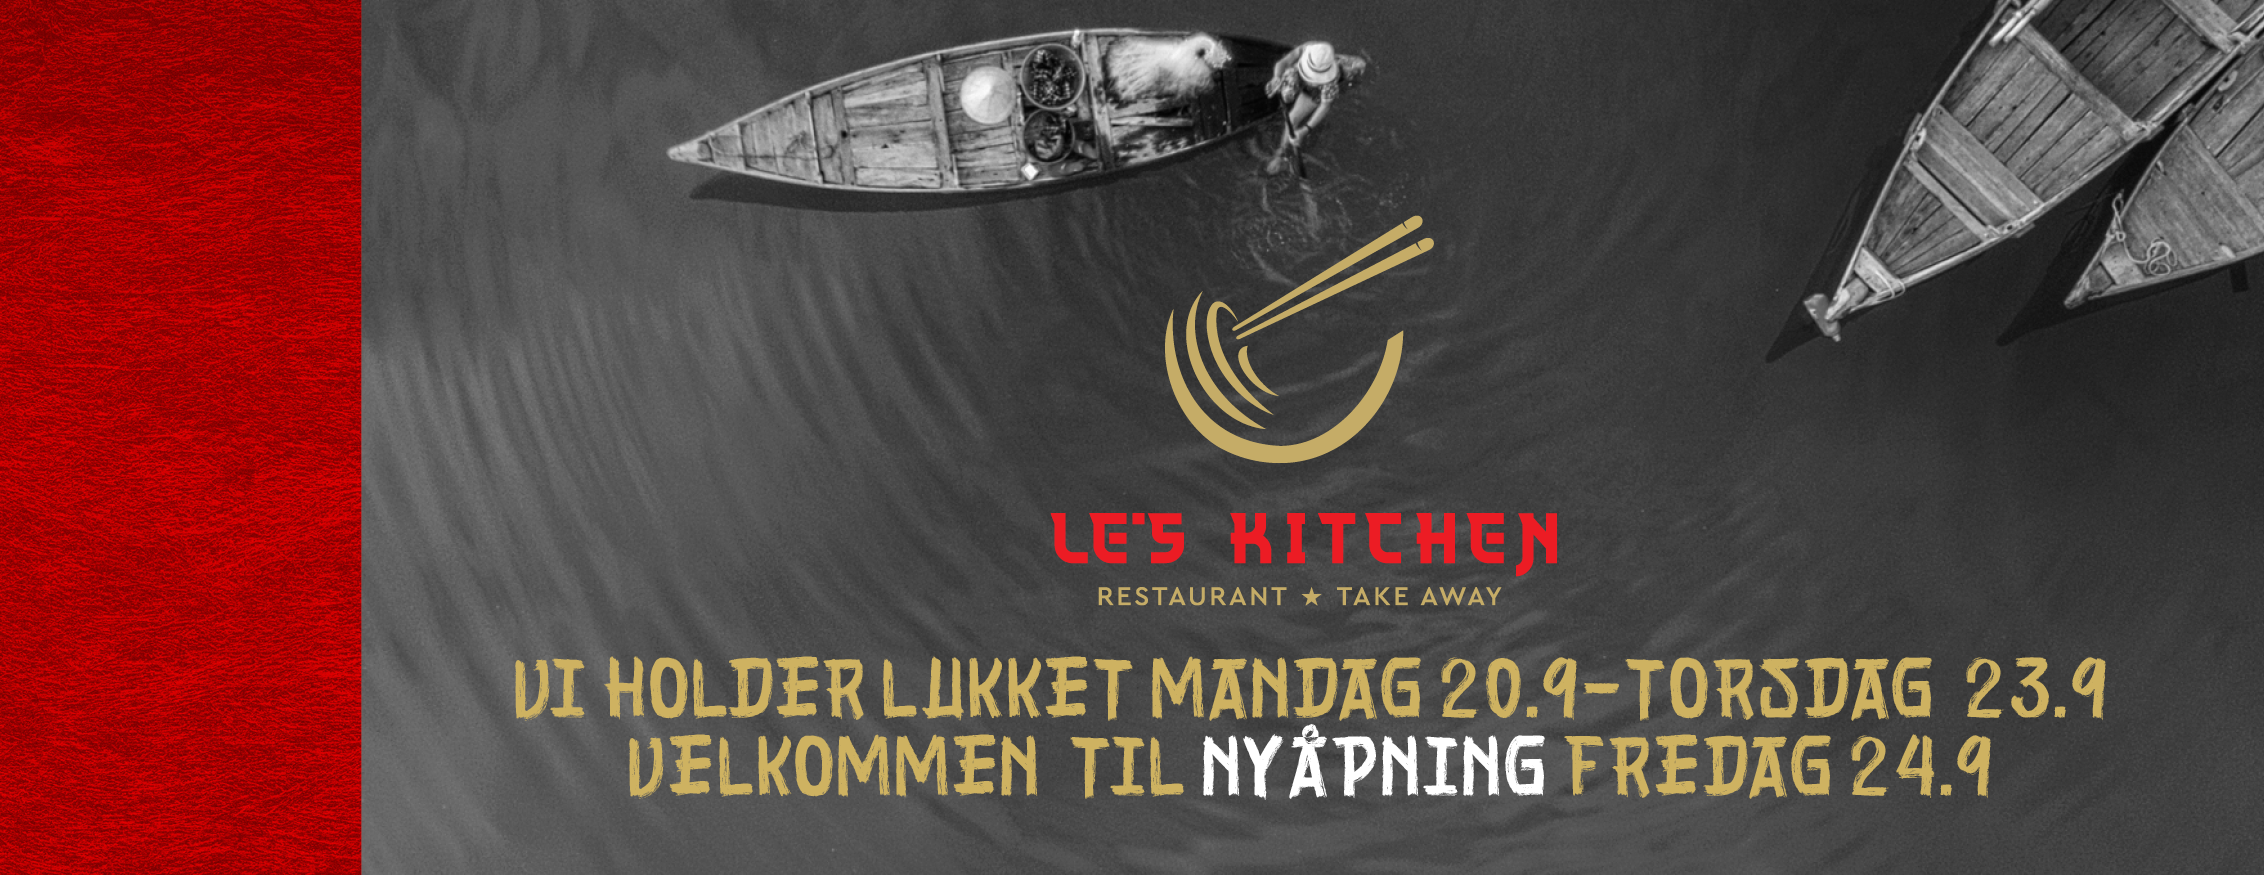 Toppbanner_leskitchen_2021_september